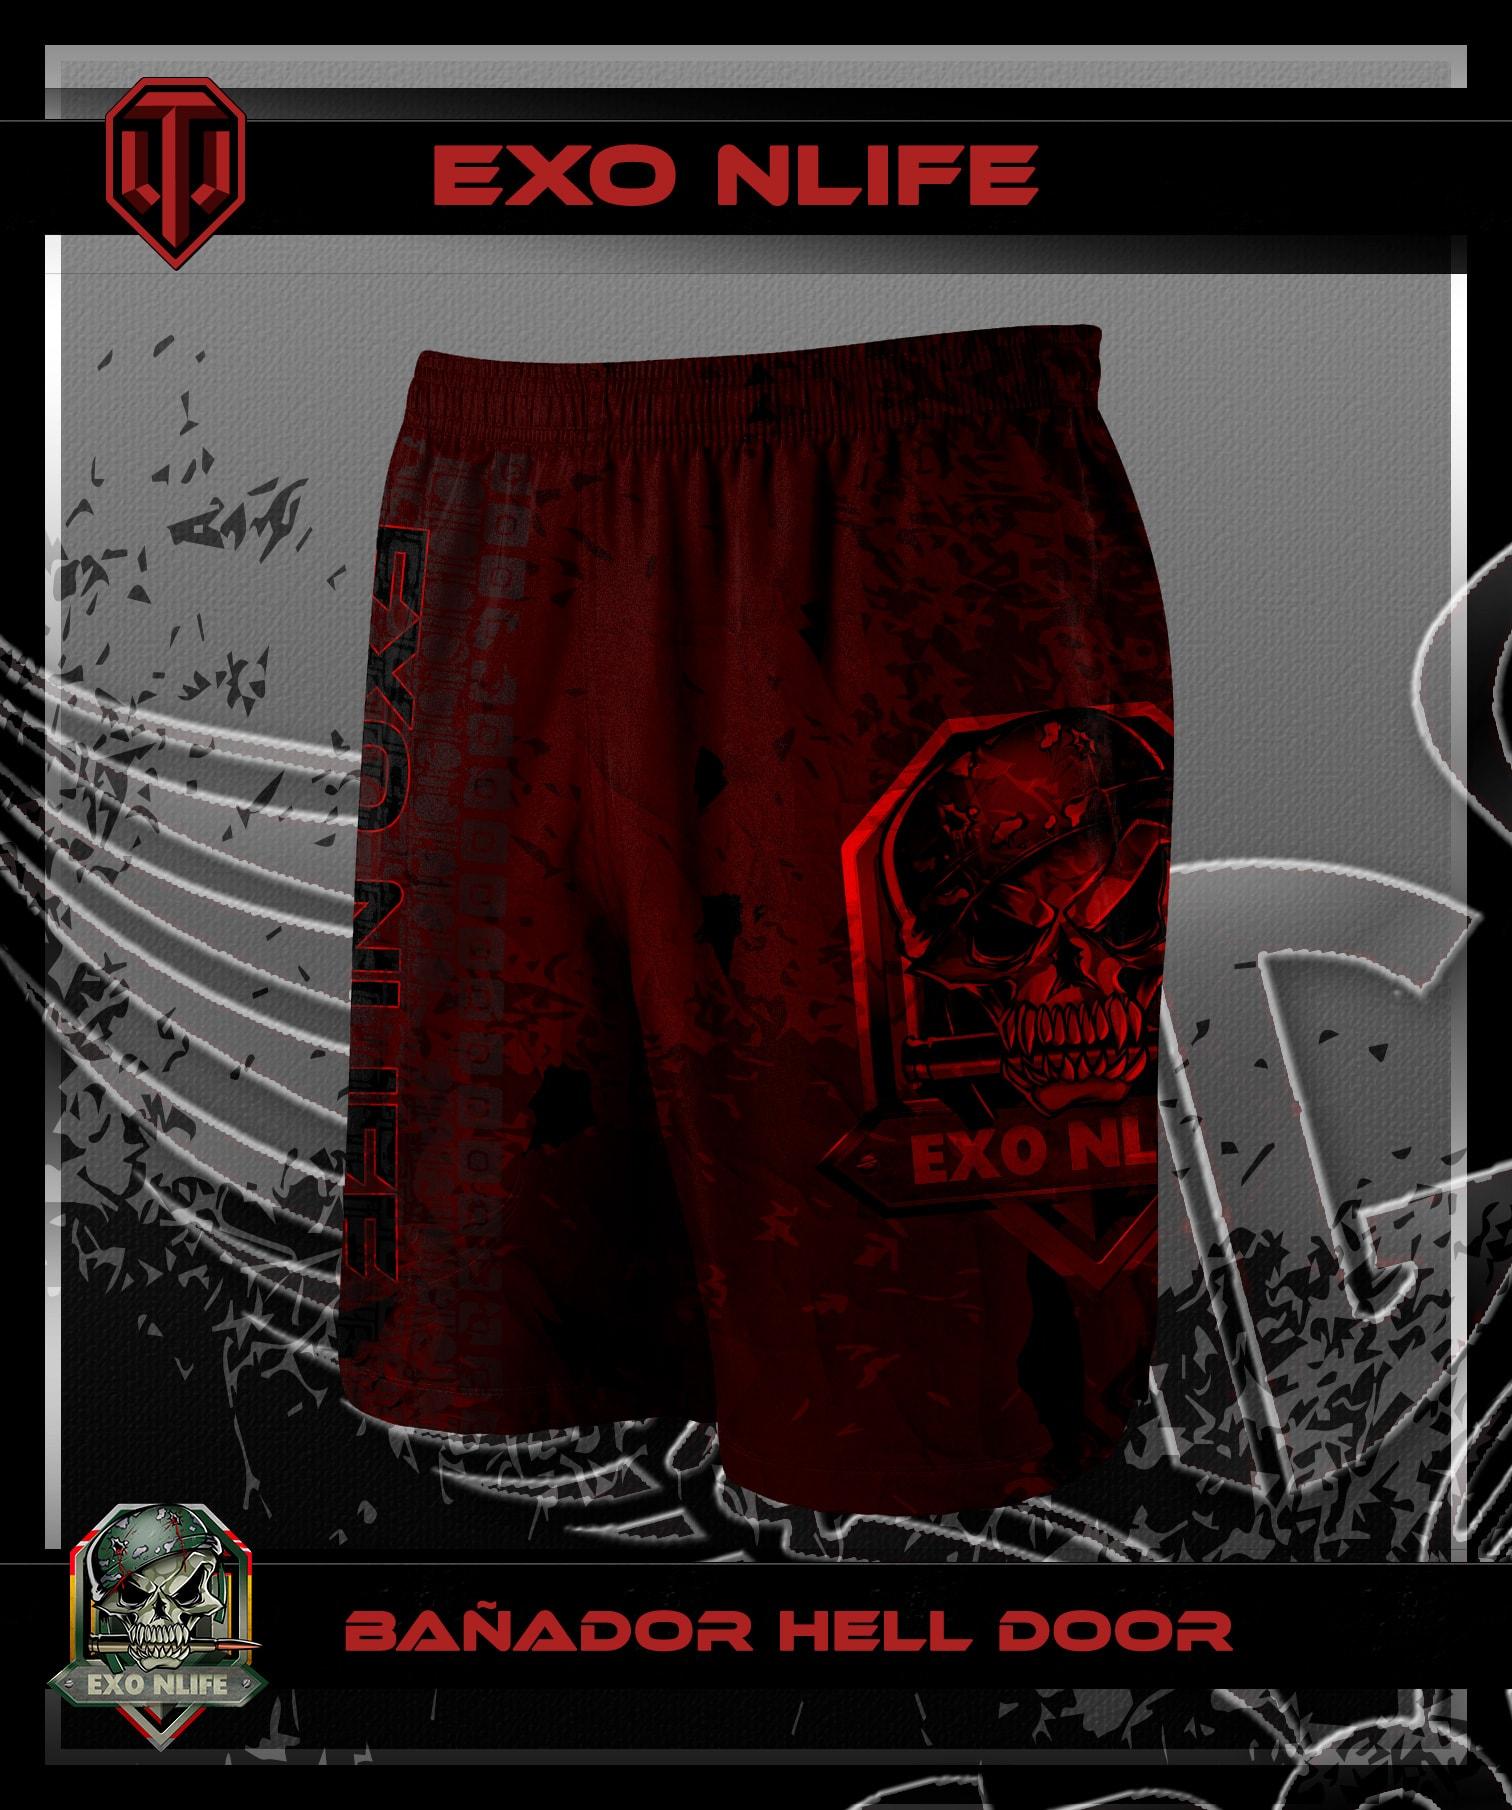 Bañador Hell Door